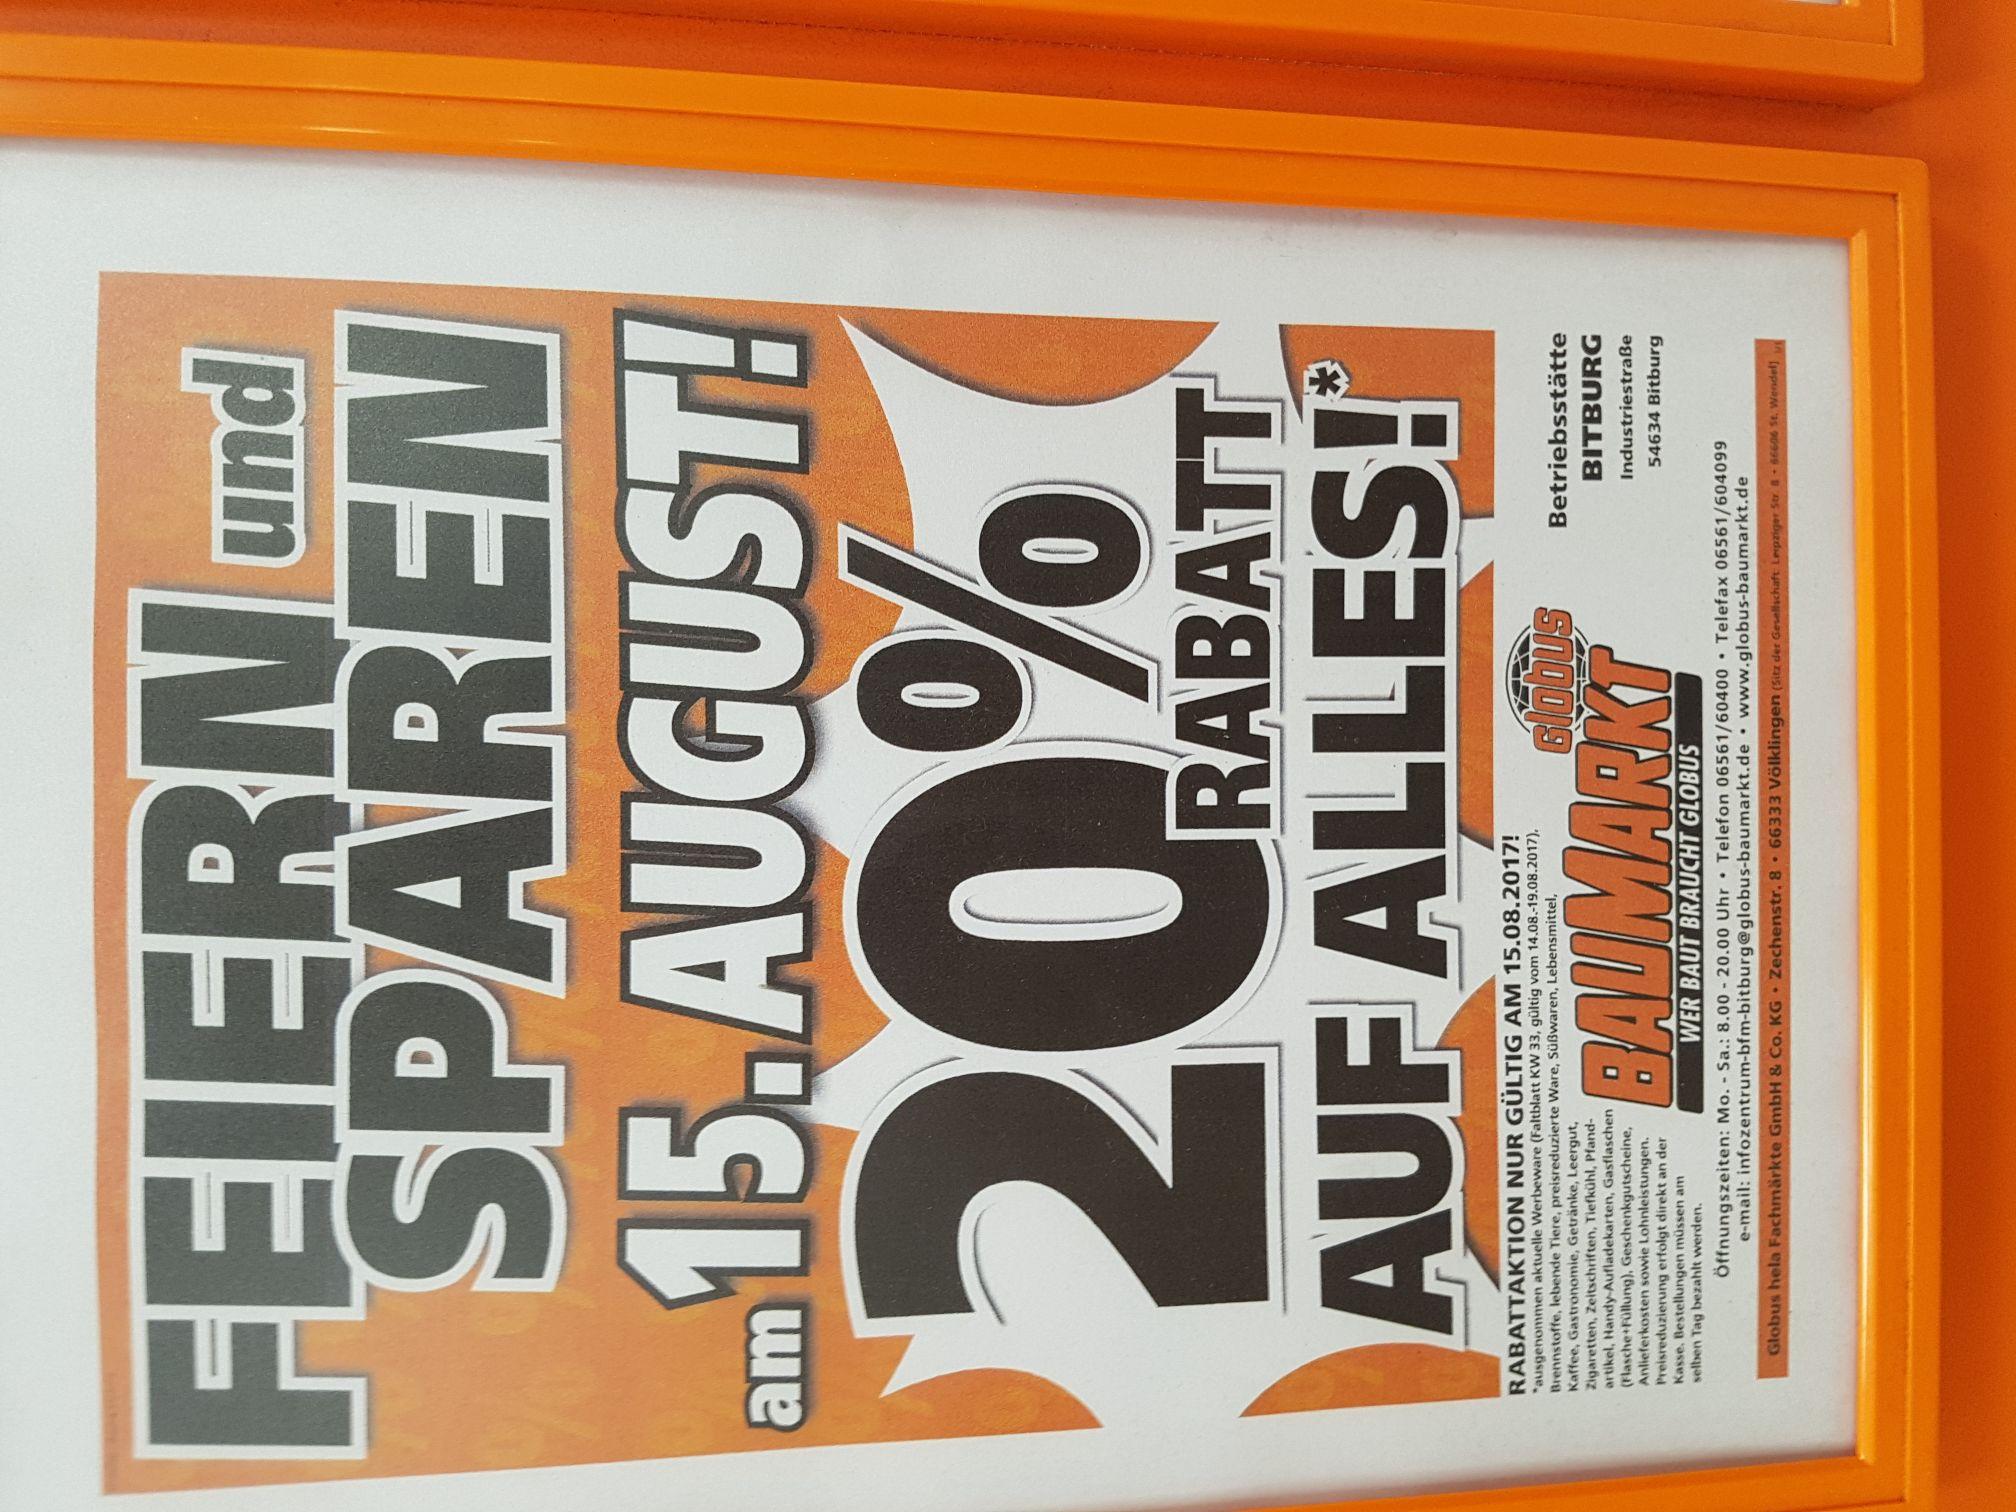 20% Rabatt im Globus Baumarkt Bitburg